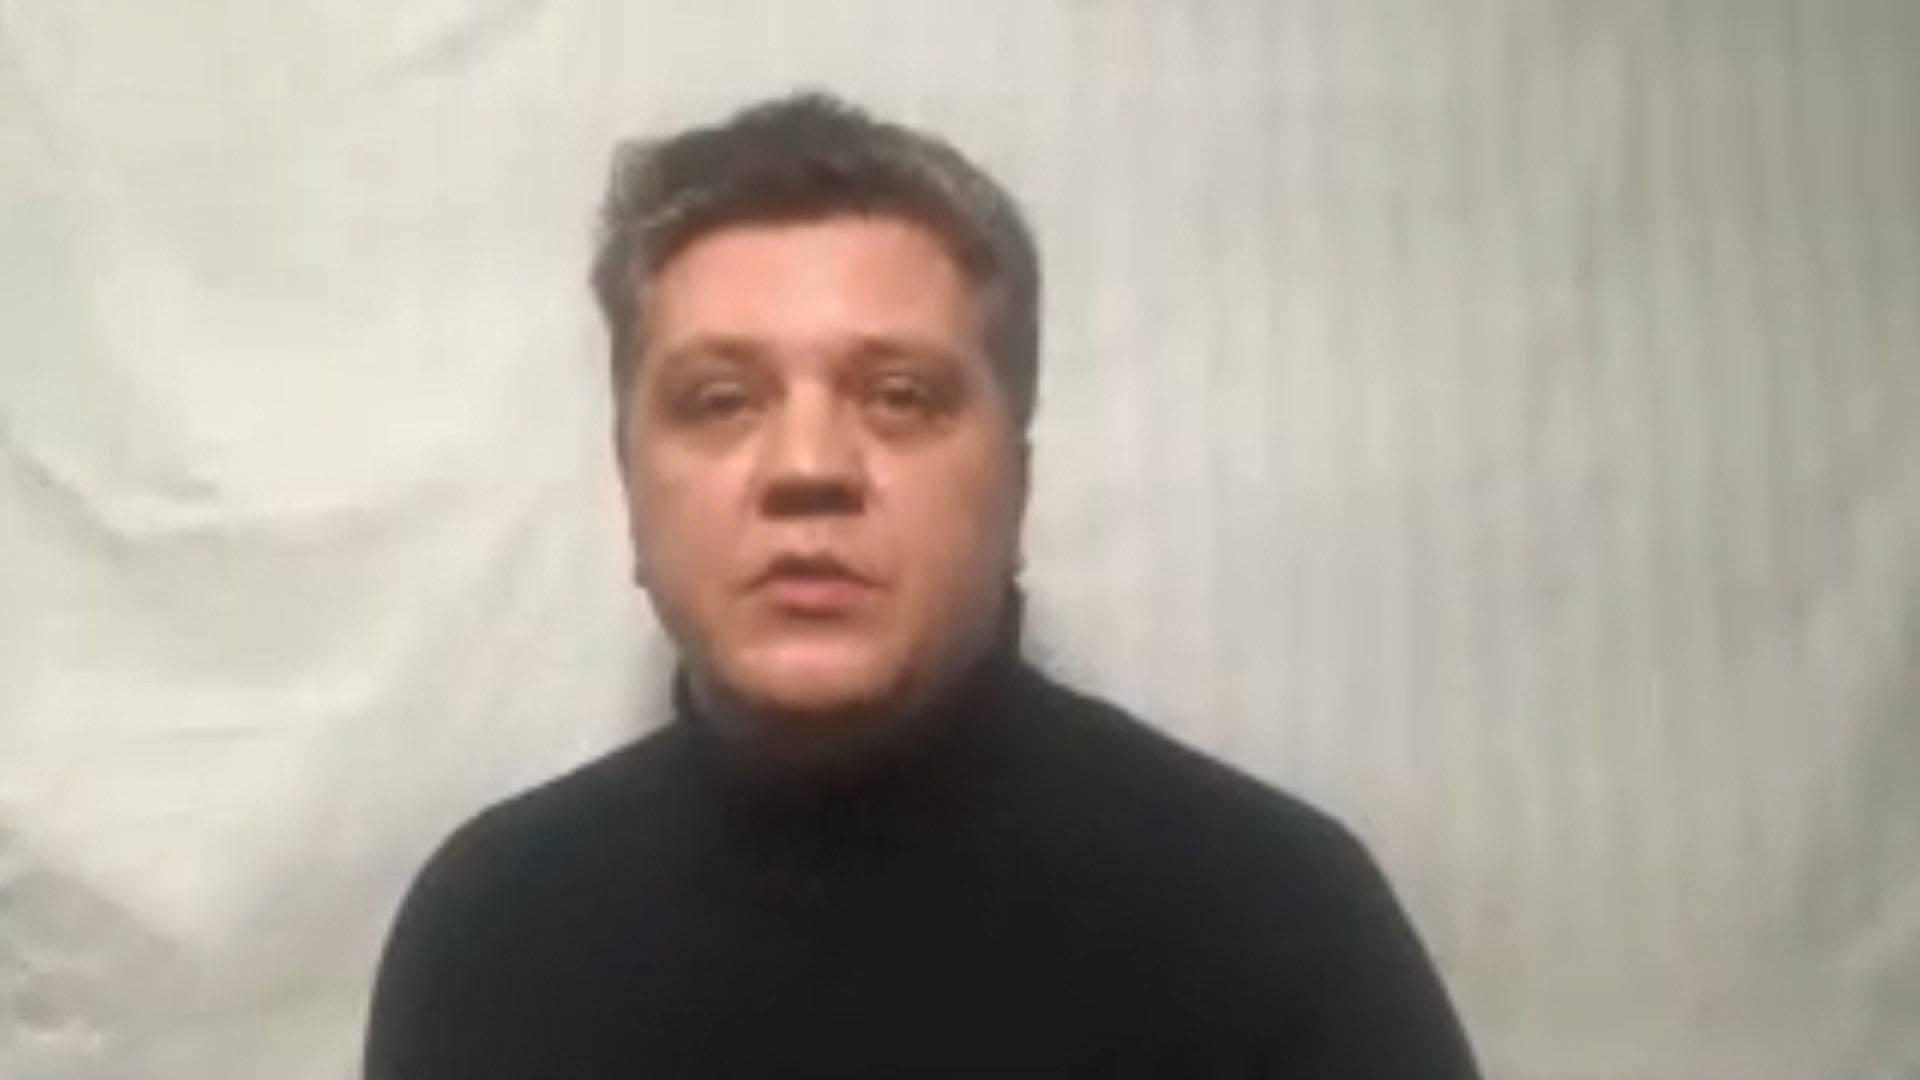 Украинцы из Китая записали трогательную песню про коронавирус: видео и комментарий автора - Новости здоровья - Здоровье 24